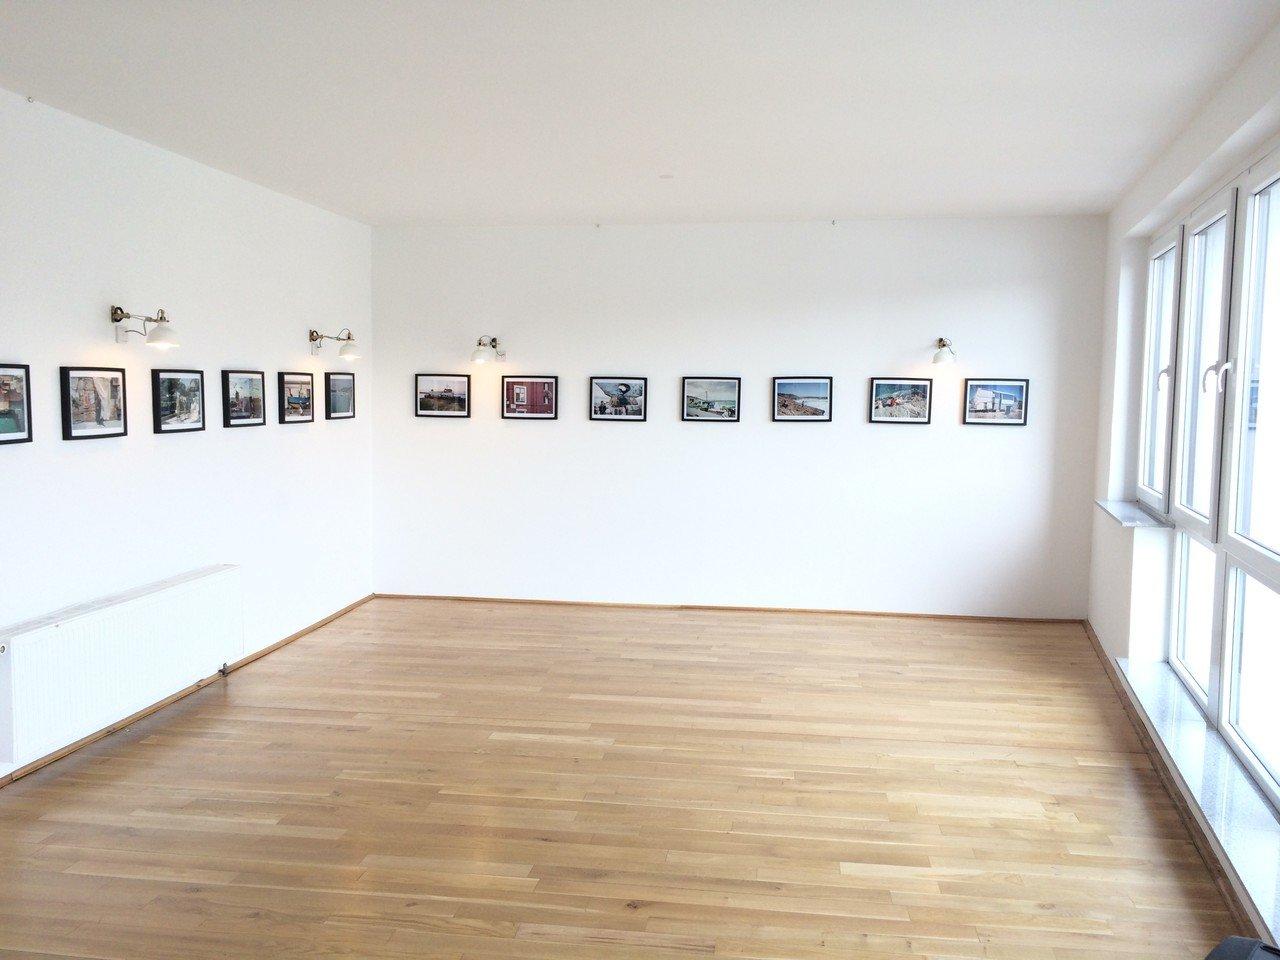 Dortmund workshop spaces Gallery TYDE Studios - Lounge/Galerie image 8